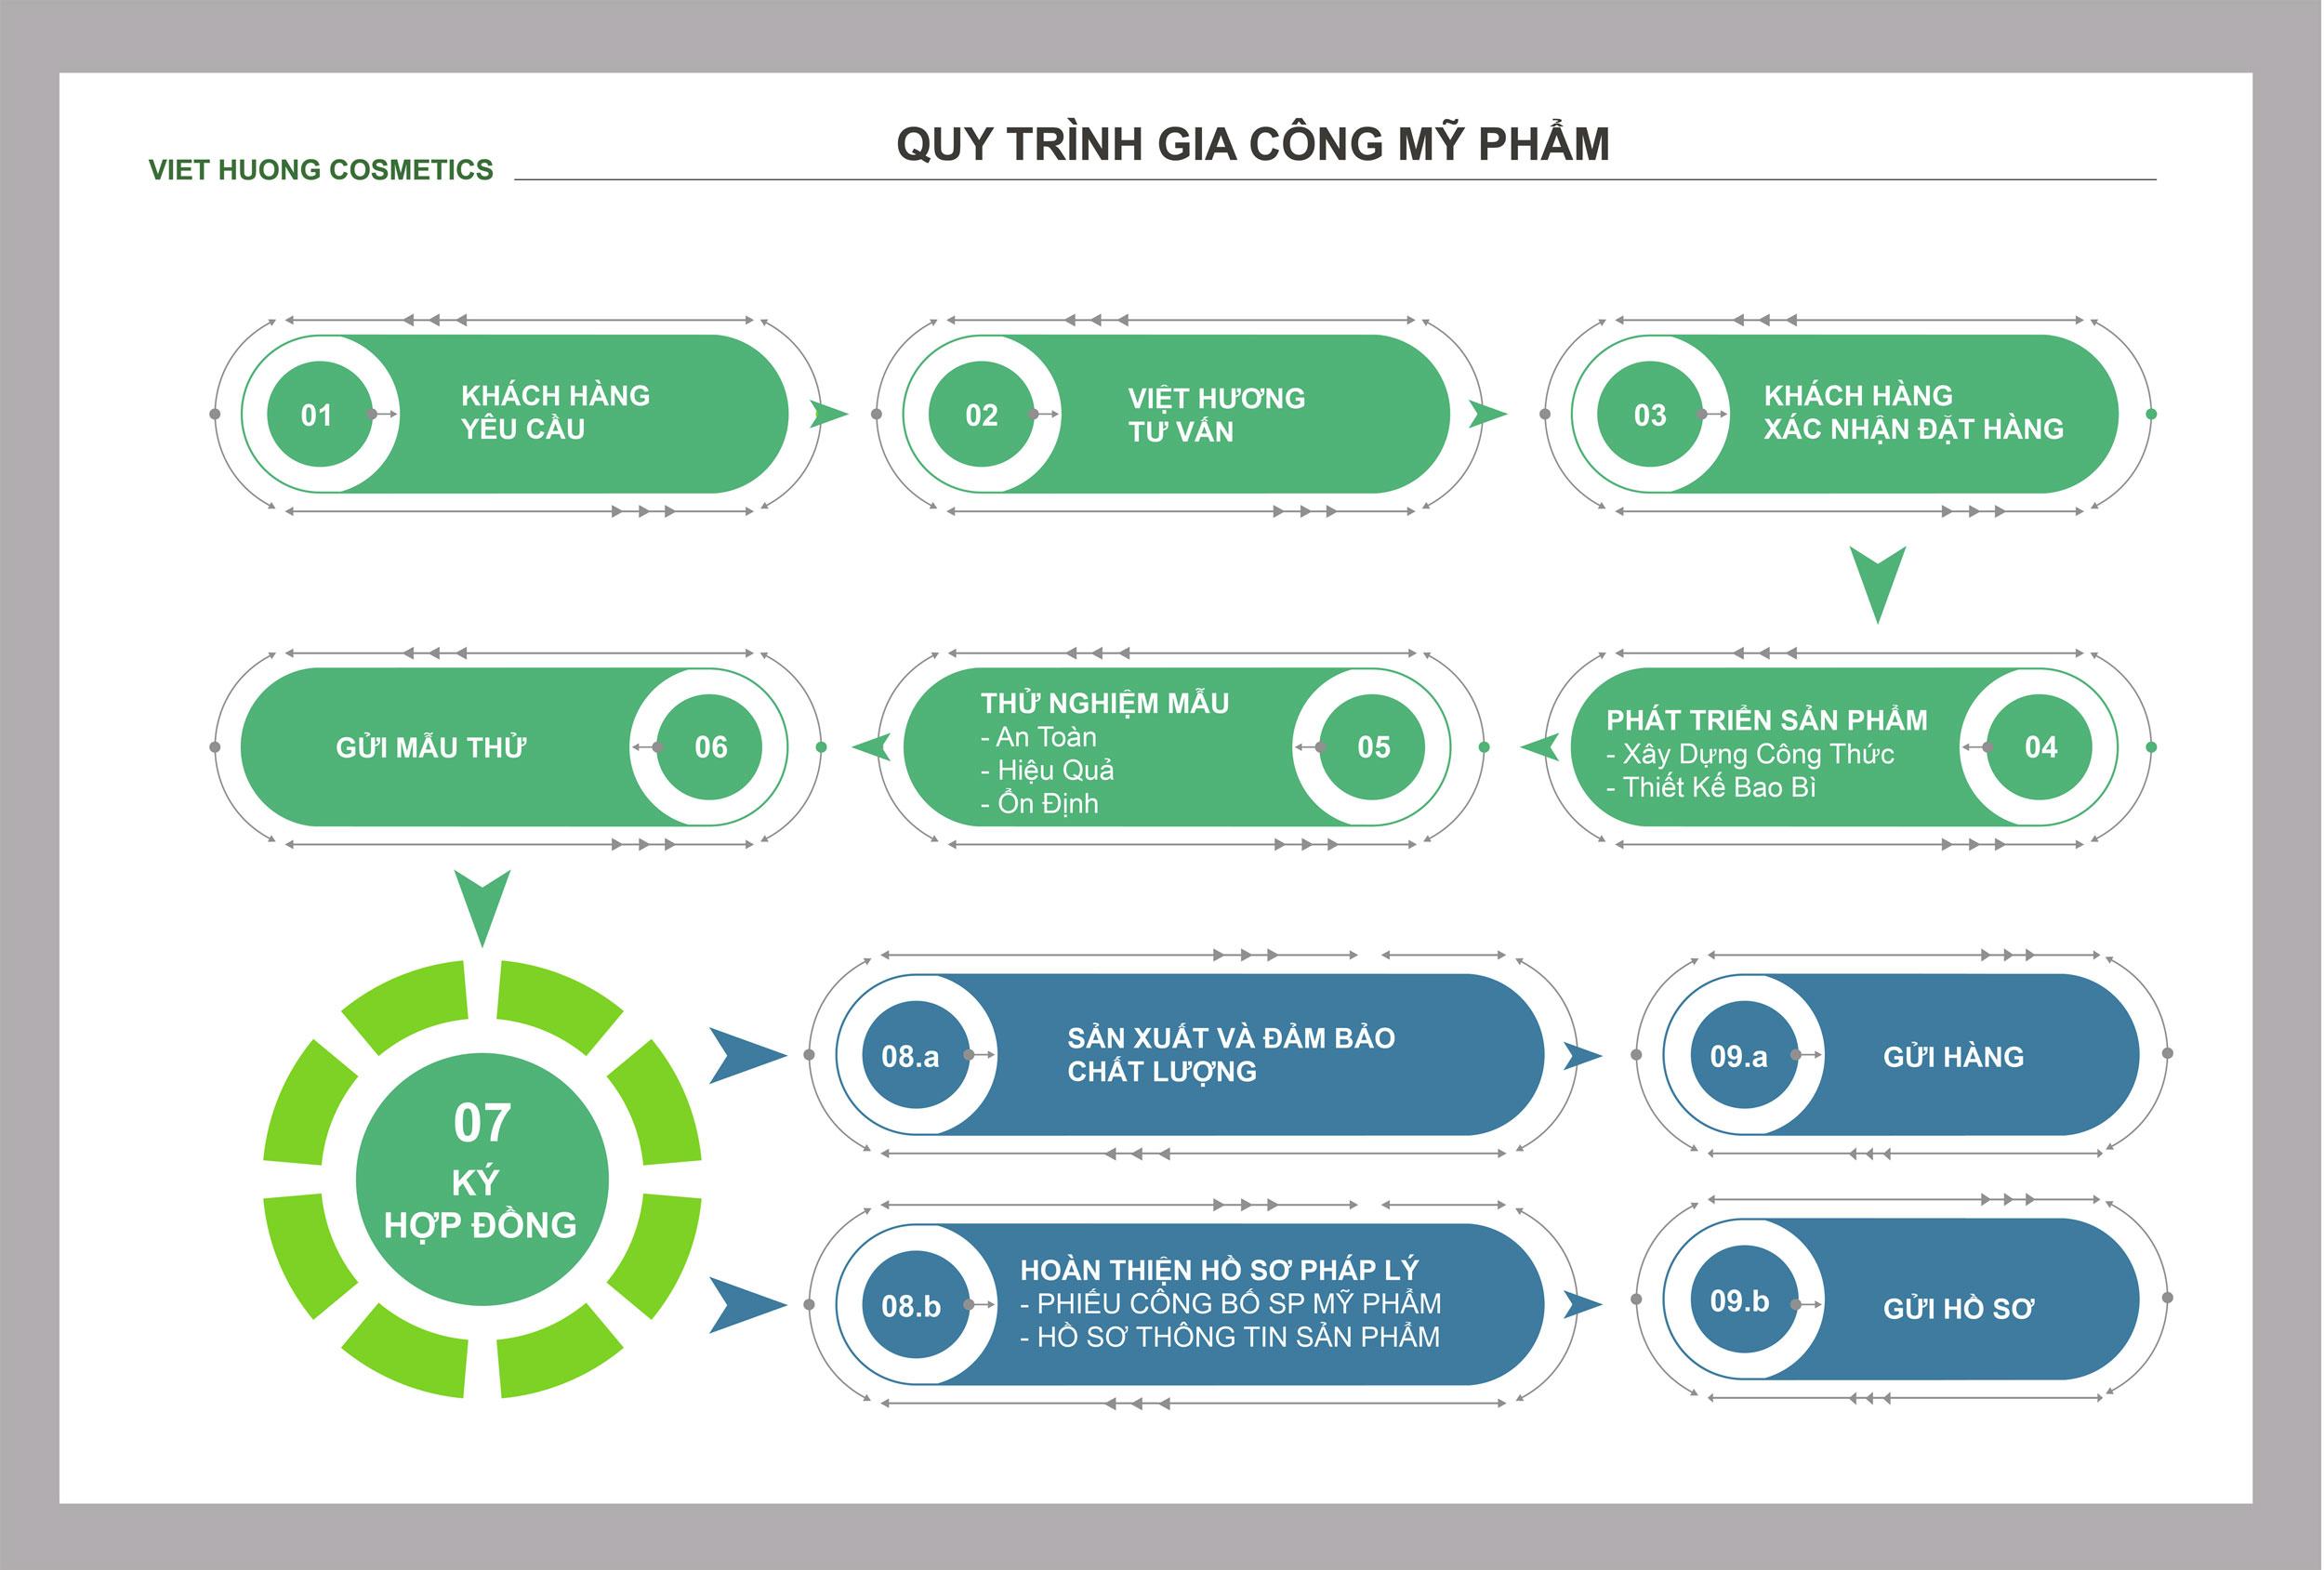 Quy trình gia công mỹ phẩm trọn gói chi tiết nhất tại Việt Hương